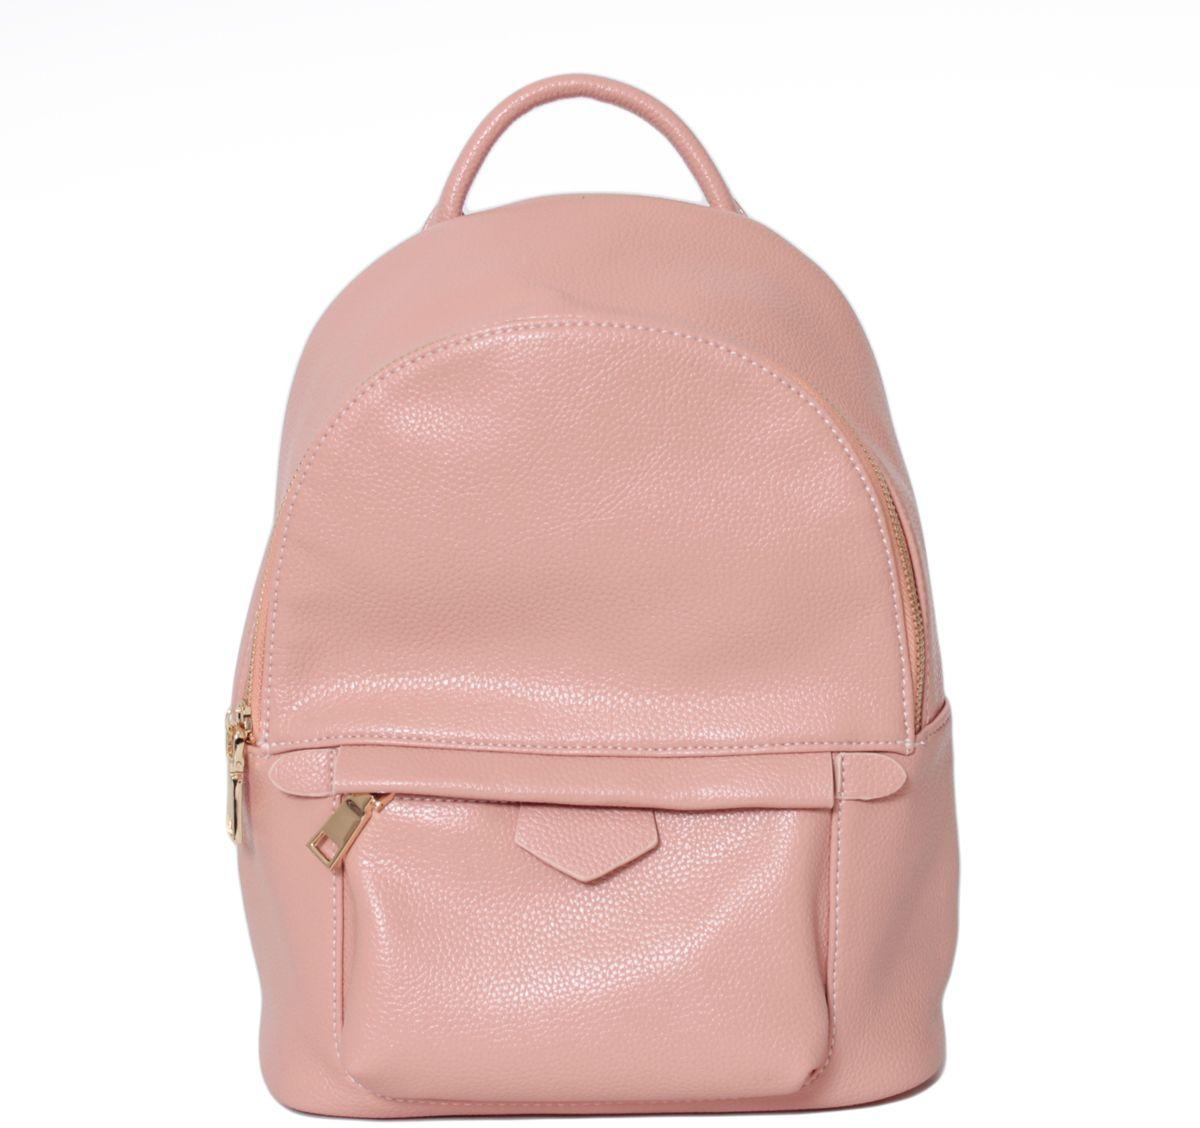 Рюкзак женский Flioraj, цвет: персиковый. 2138S76245Рюкзак Flioraj выполнен из высококачественной искусственной кожи. Изделие оснащено ручкой для подвешивания и удобными лямками. На лицевой стороне расположен карман на молнии. Рюкзак закрывается на молнию. Внутри расположено главное вместительное отделение, которое содержит один небольшой карман на молнии и один открытый накладной карман для мелочей.